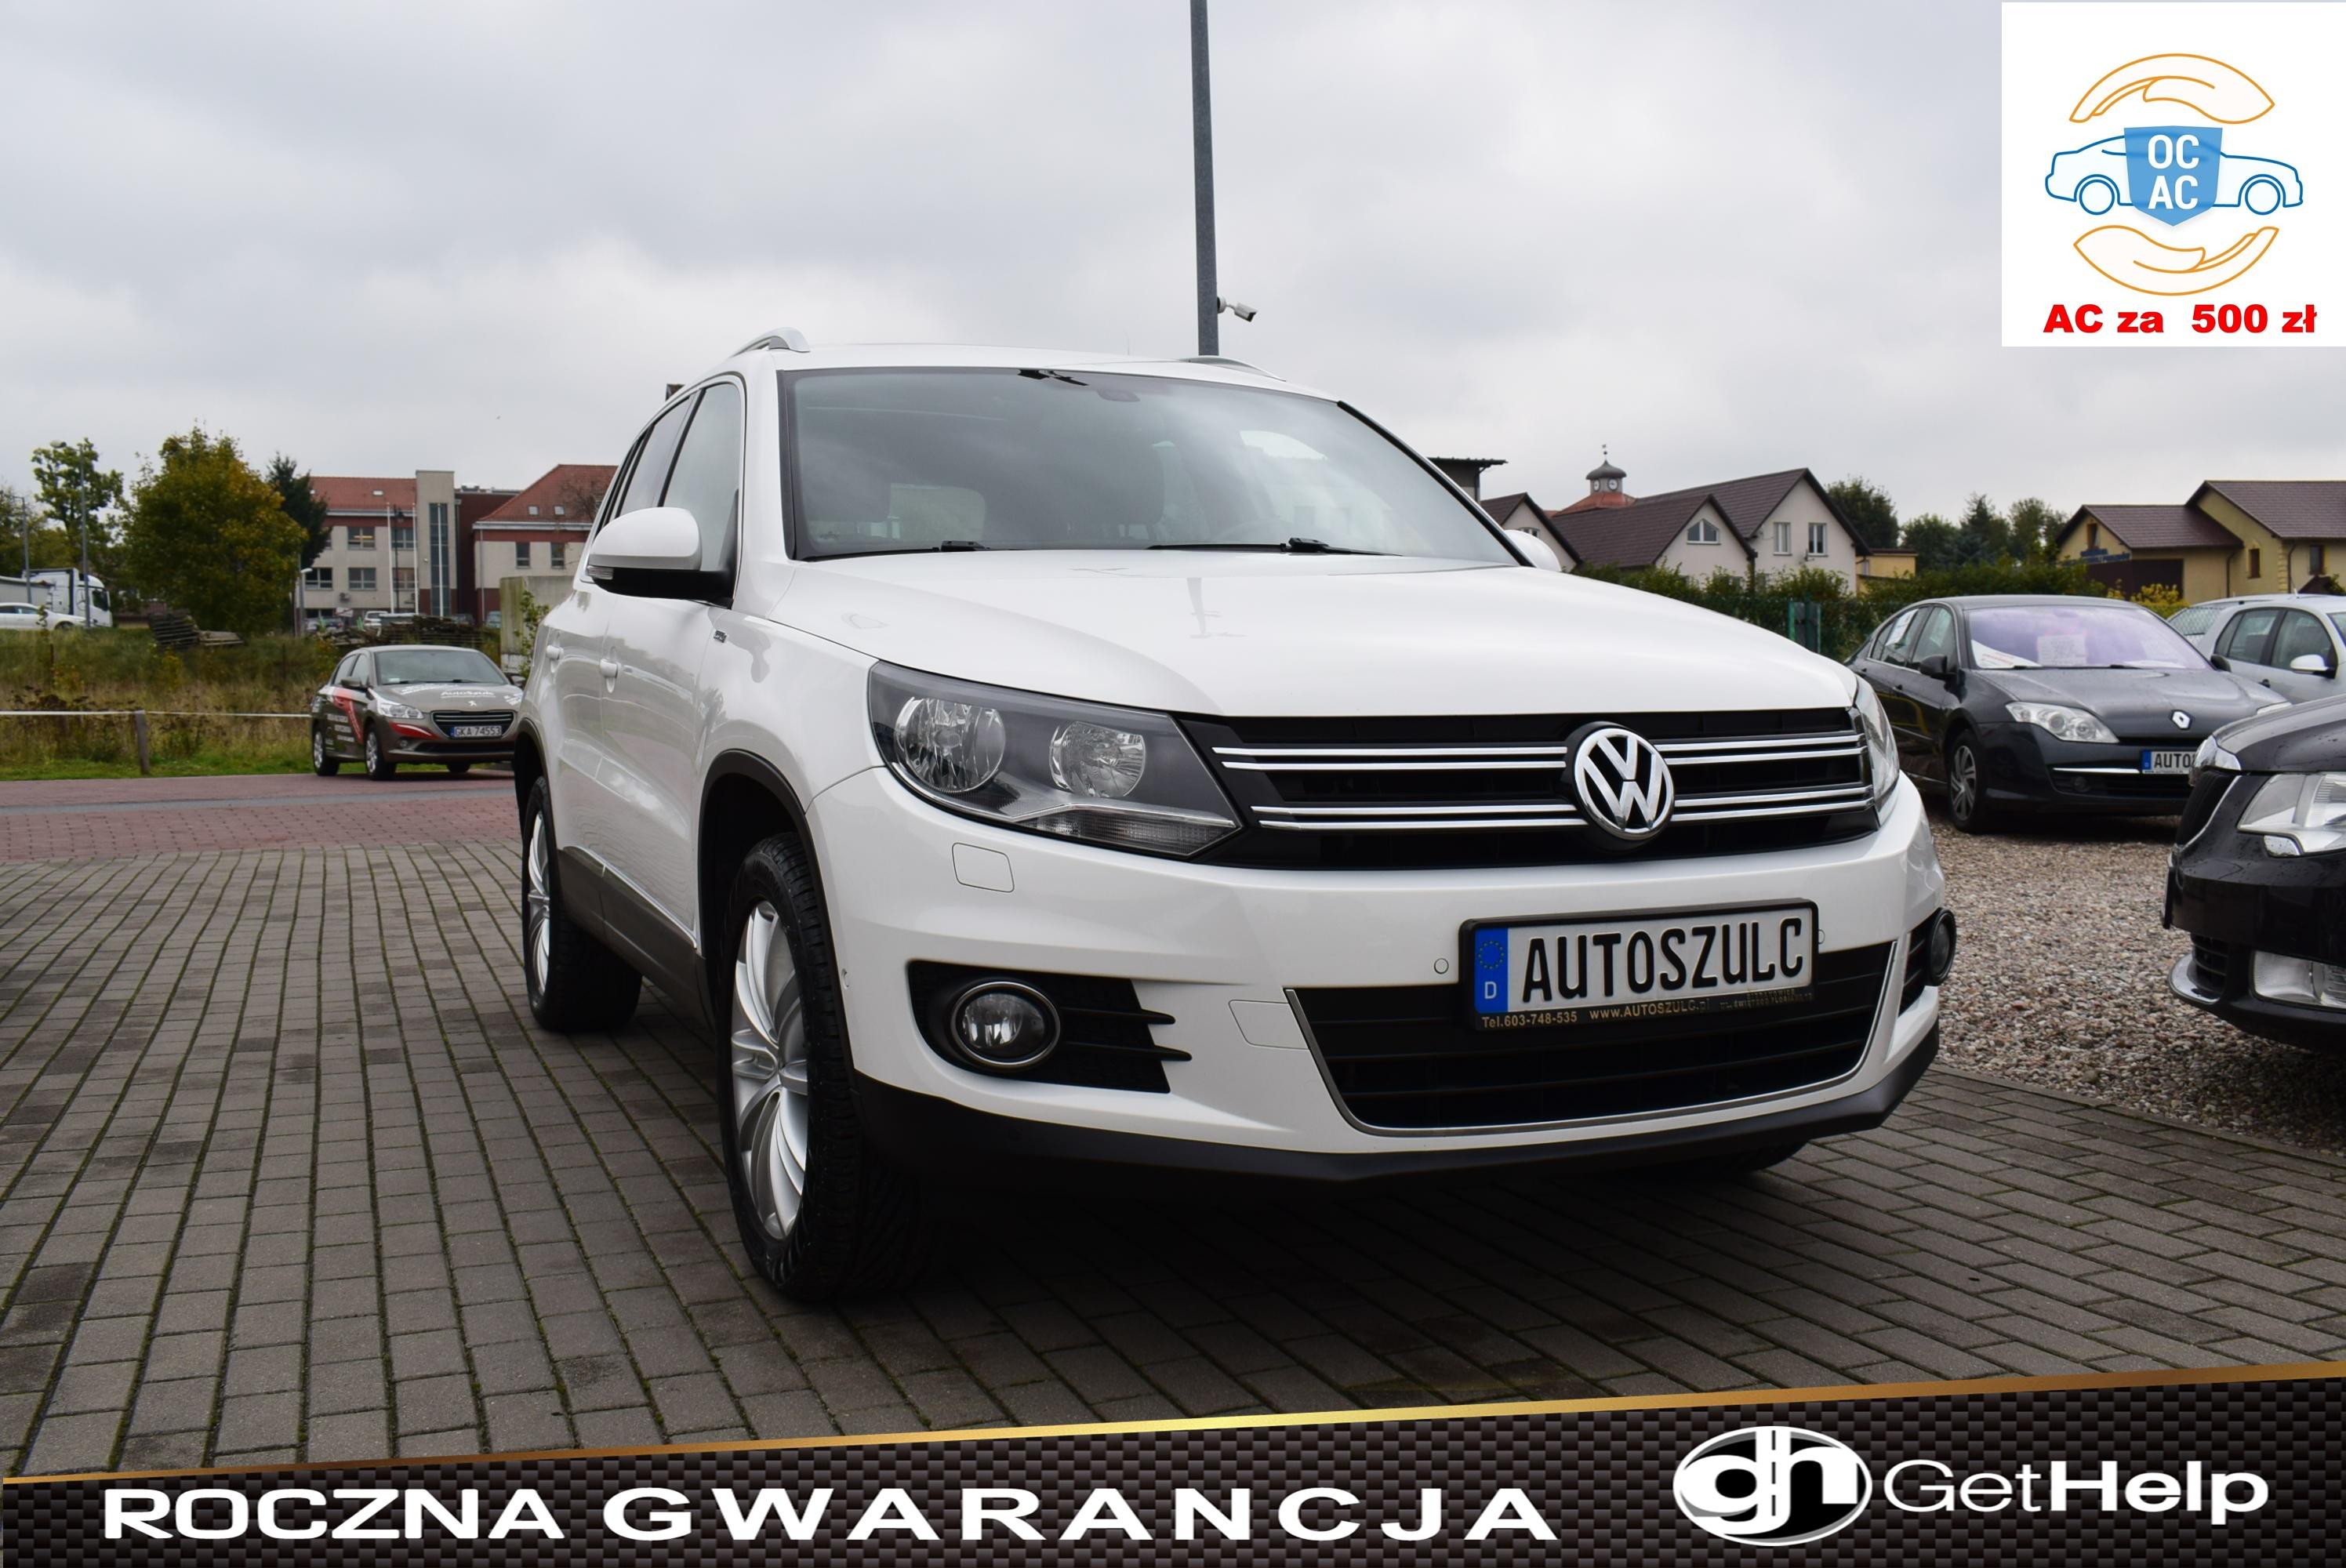 VW Tiguan 2.0 TDI LIFE, 4-Motion, Nowy Model, Biała Perła, Klimatronik, Nawigacja, Rok Gwarancji